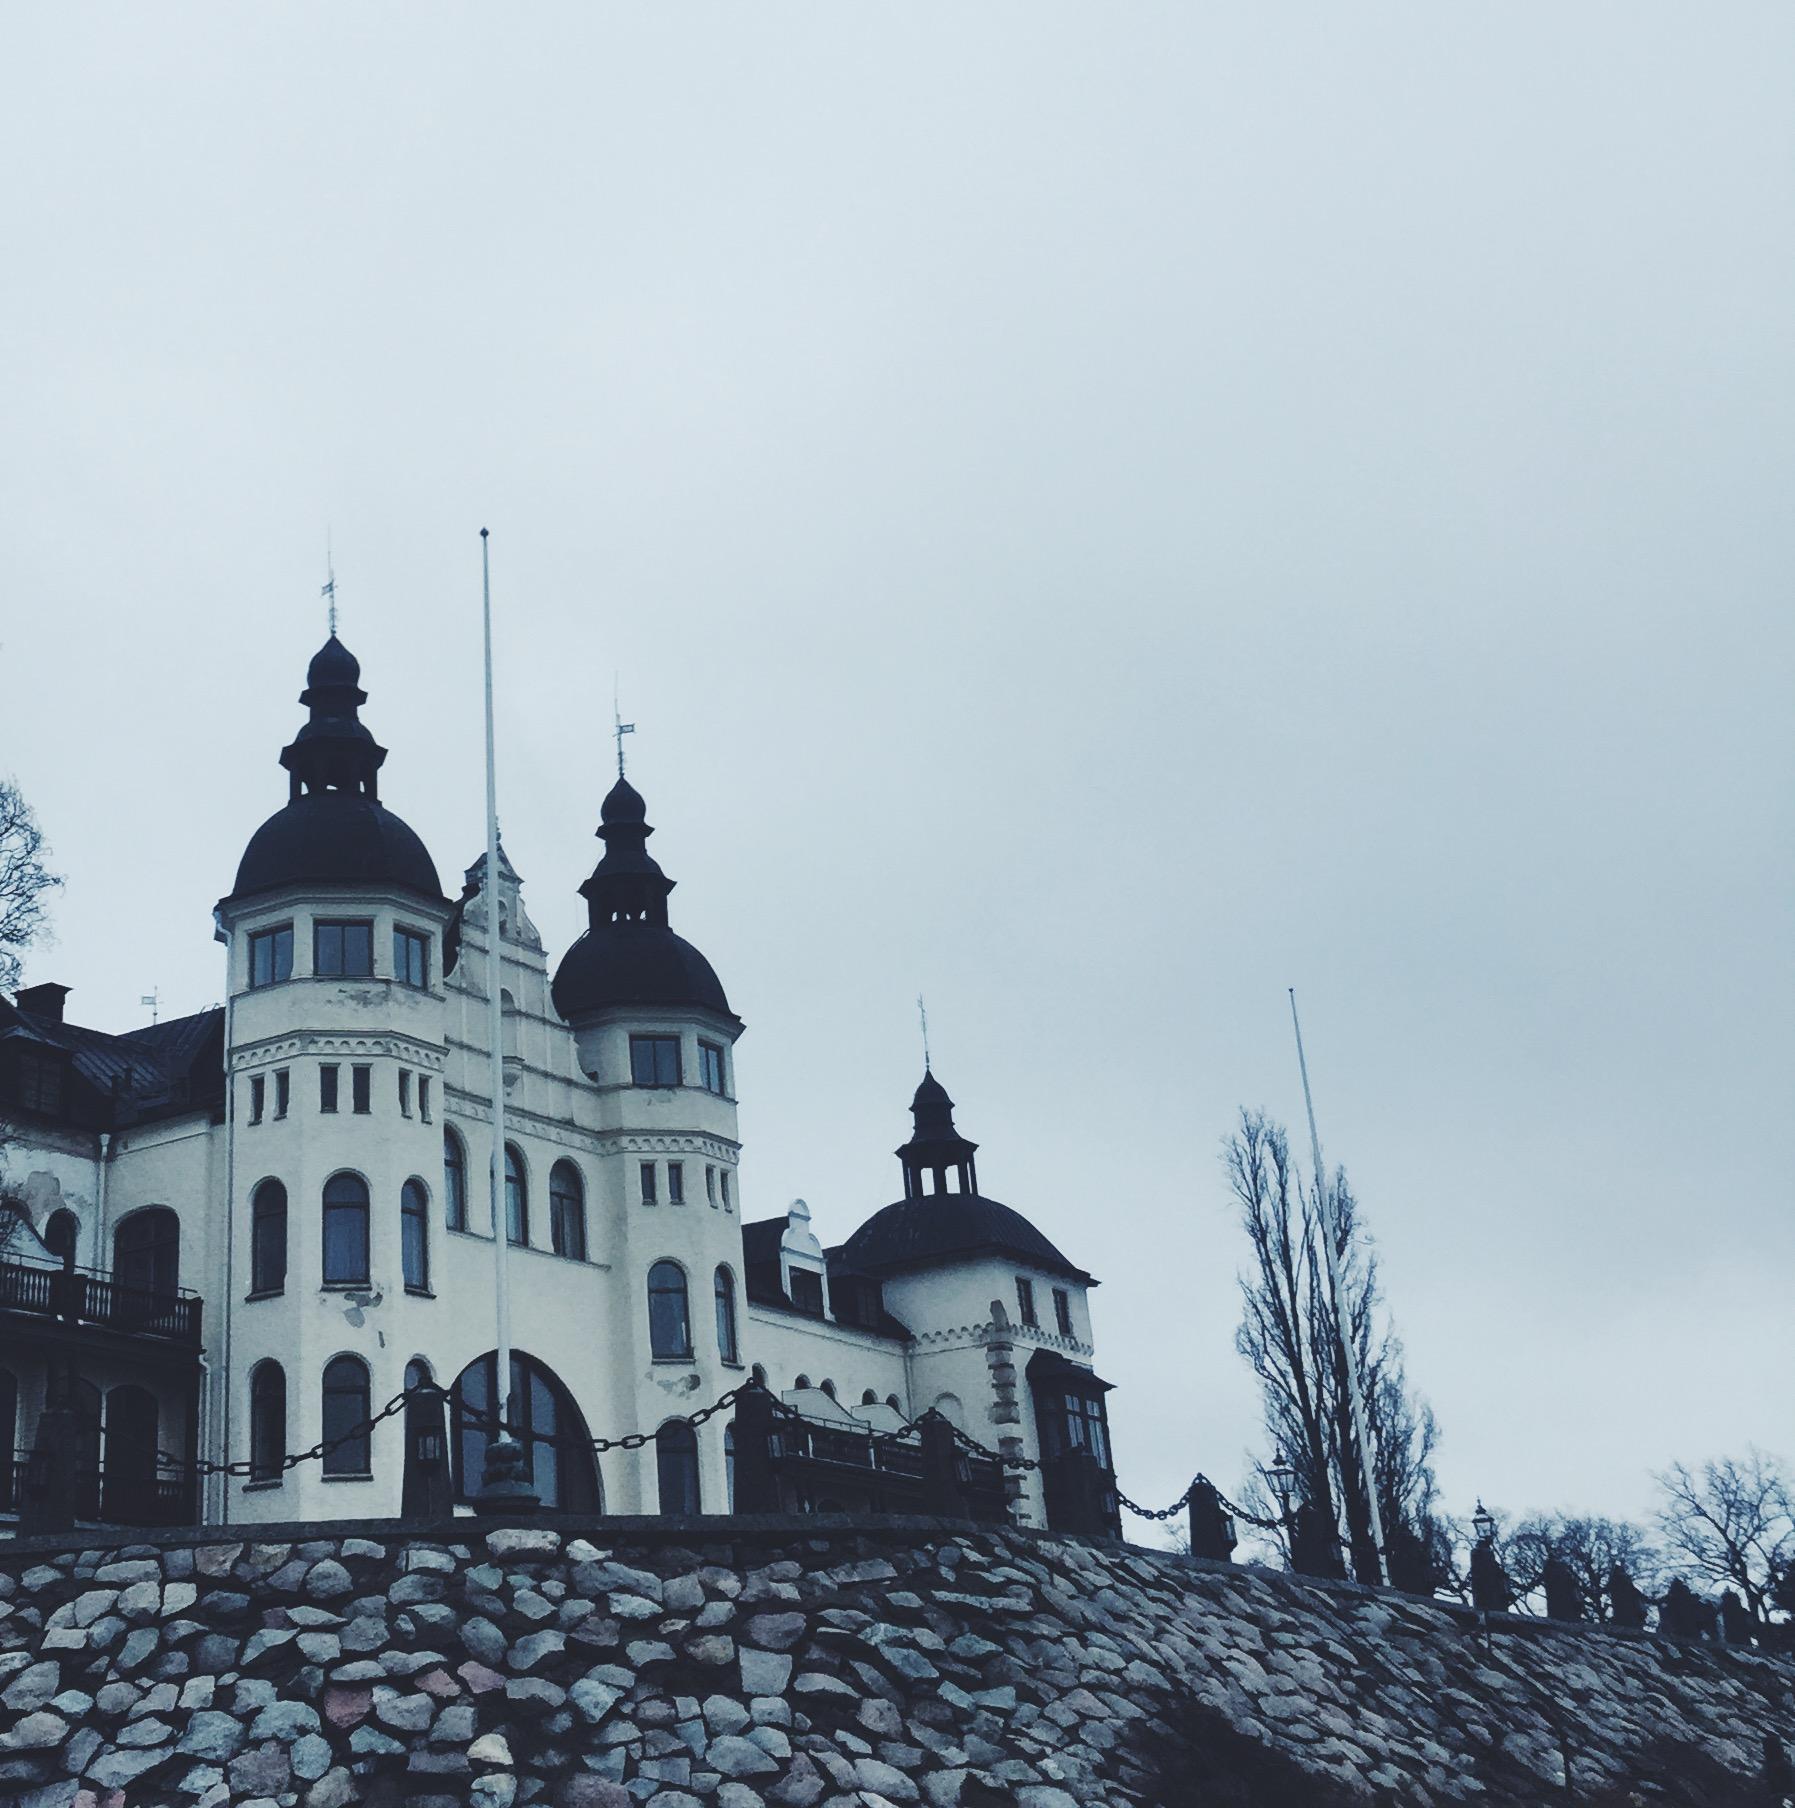 Sådan ser det ud ved Grand Hotel Saltsjöbaden